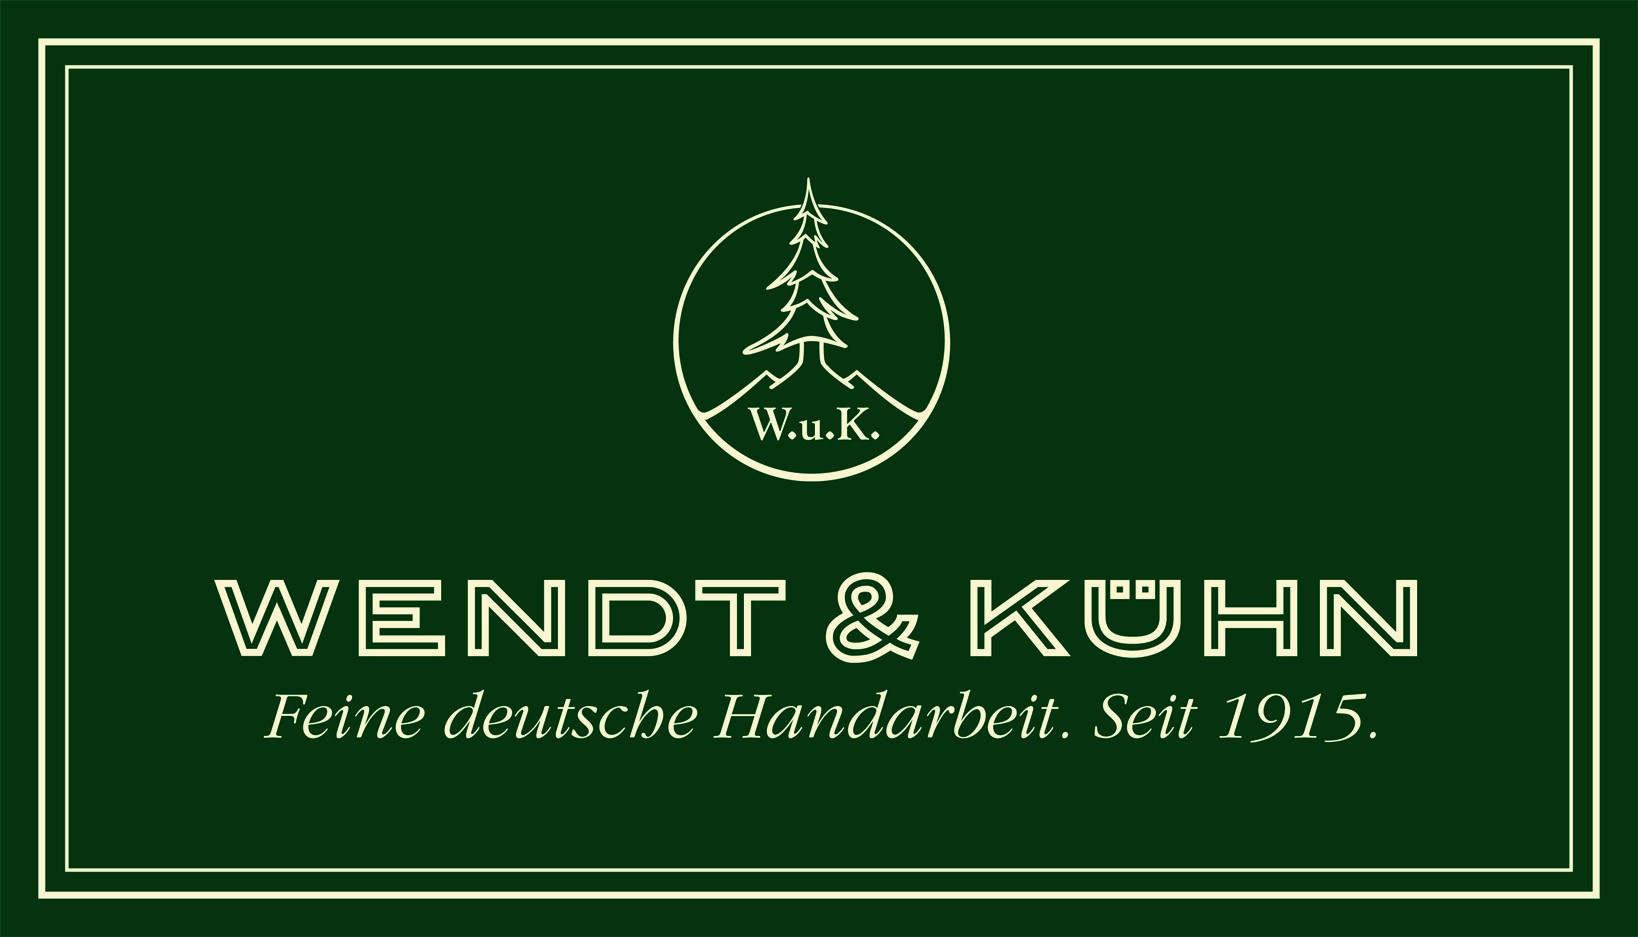 Wendt & Kühn